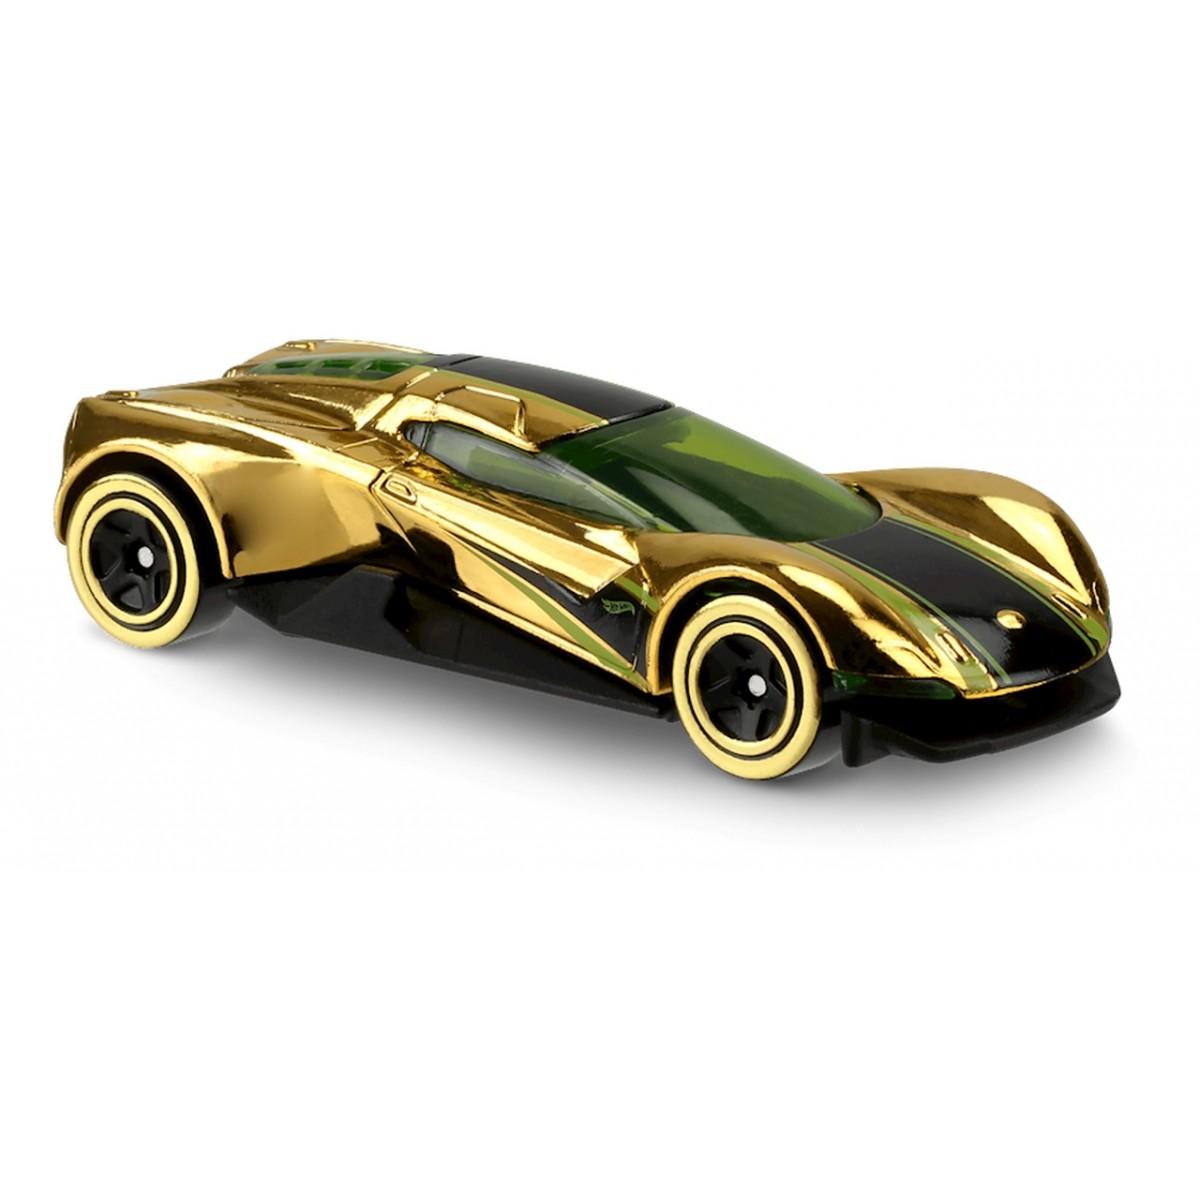 Carrinho Hot Wheels: Crescendo Dourado